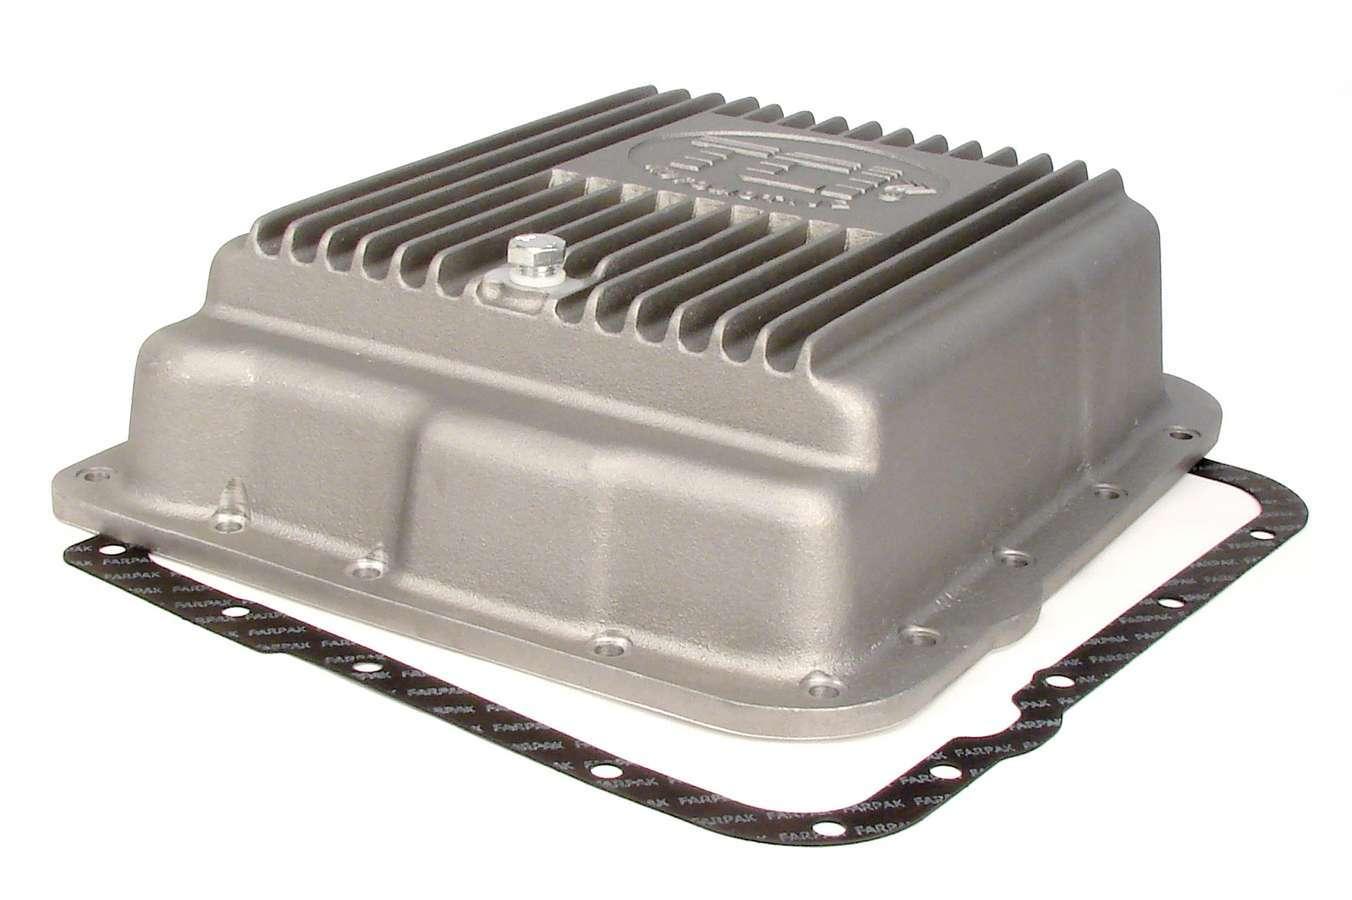 Tci Th350 Extra Deep Pan